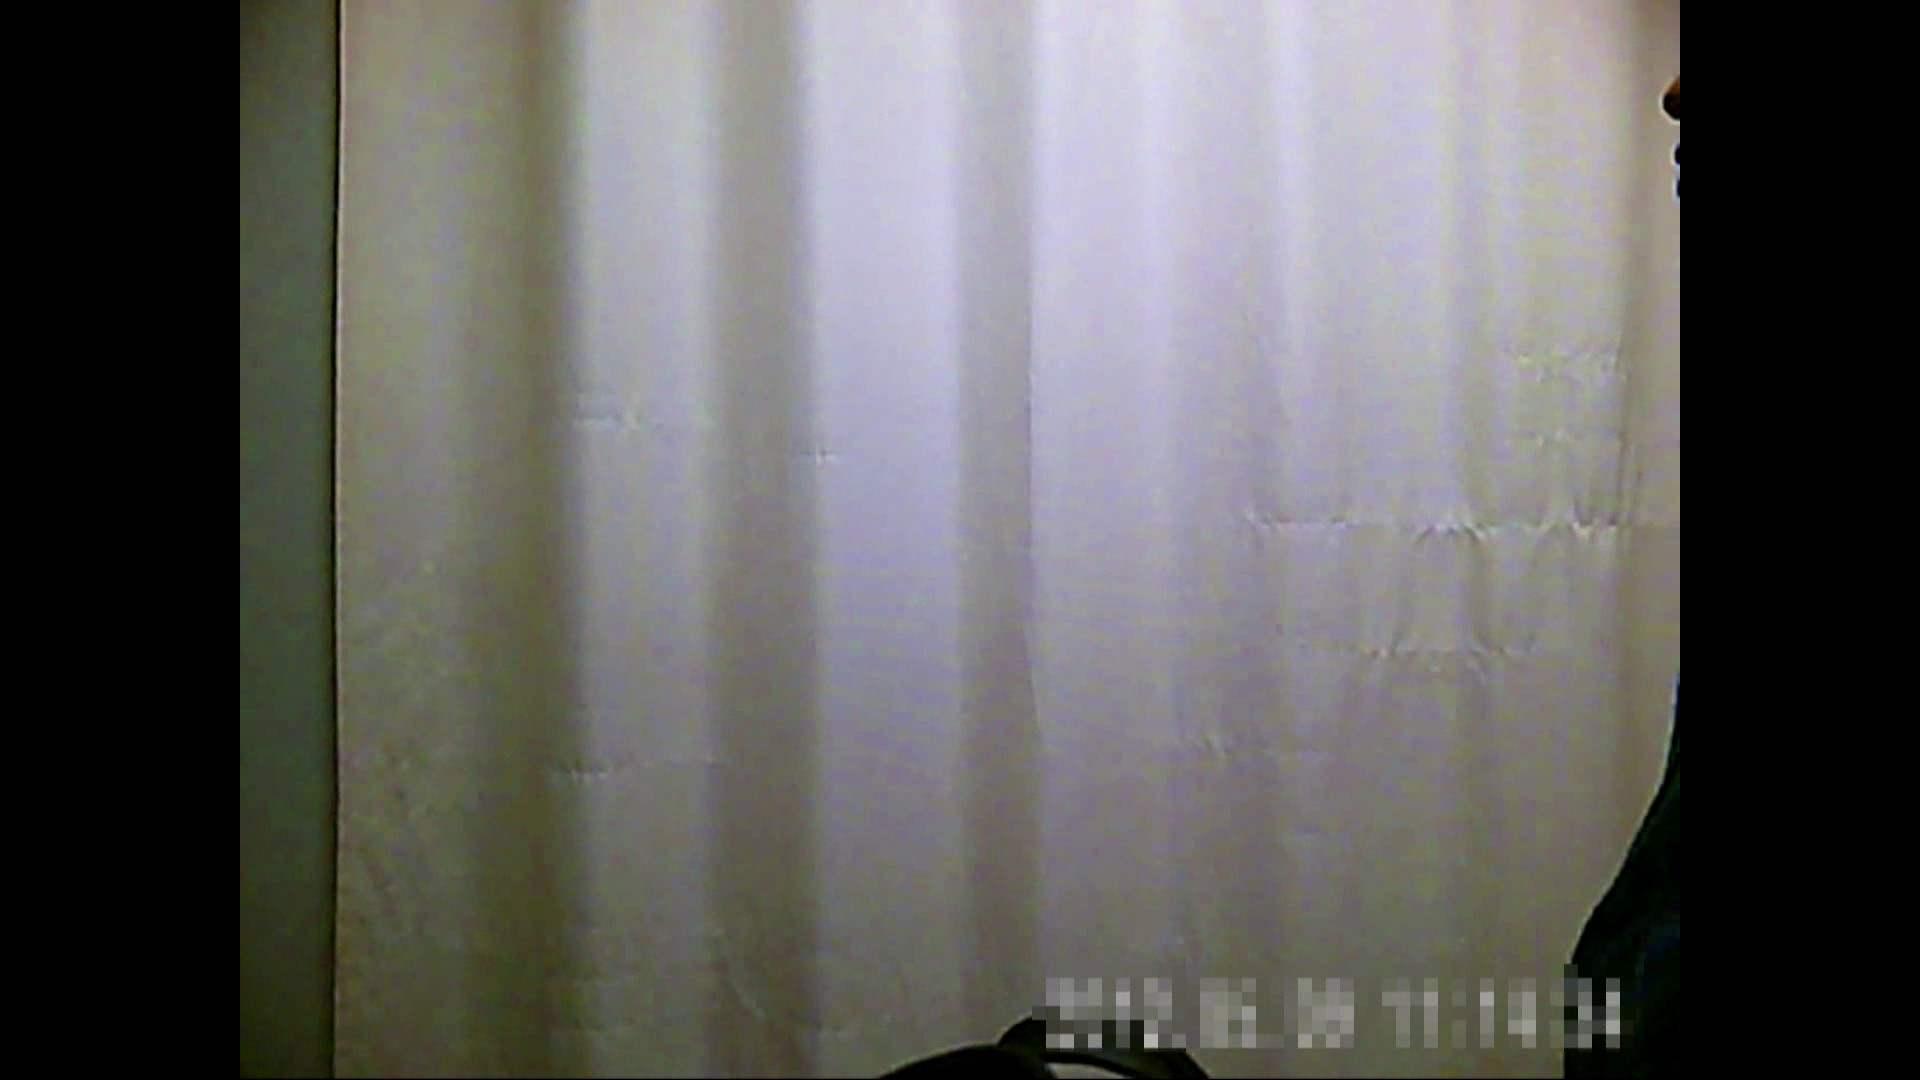 元医者による反抗 更衣室地獄絵巻 vol.002 OL | 0  26連発 18